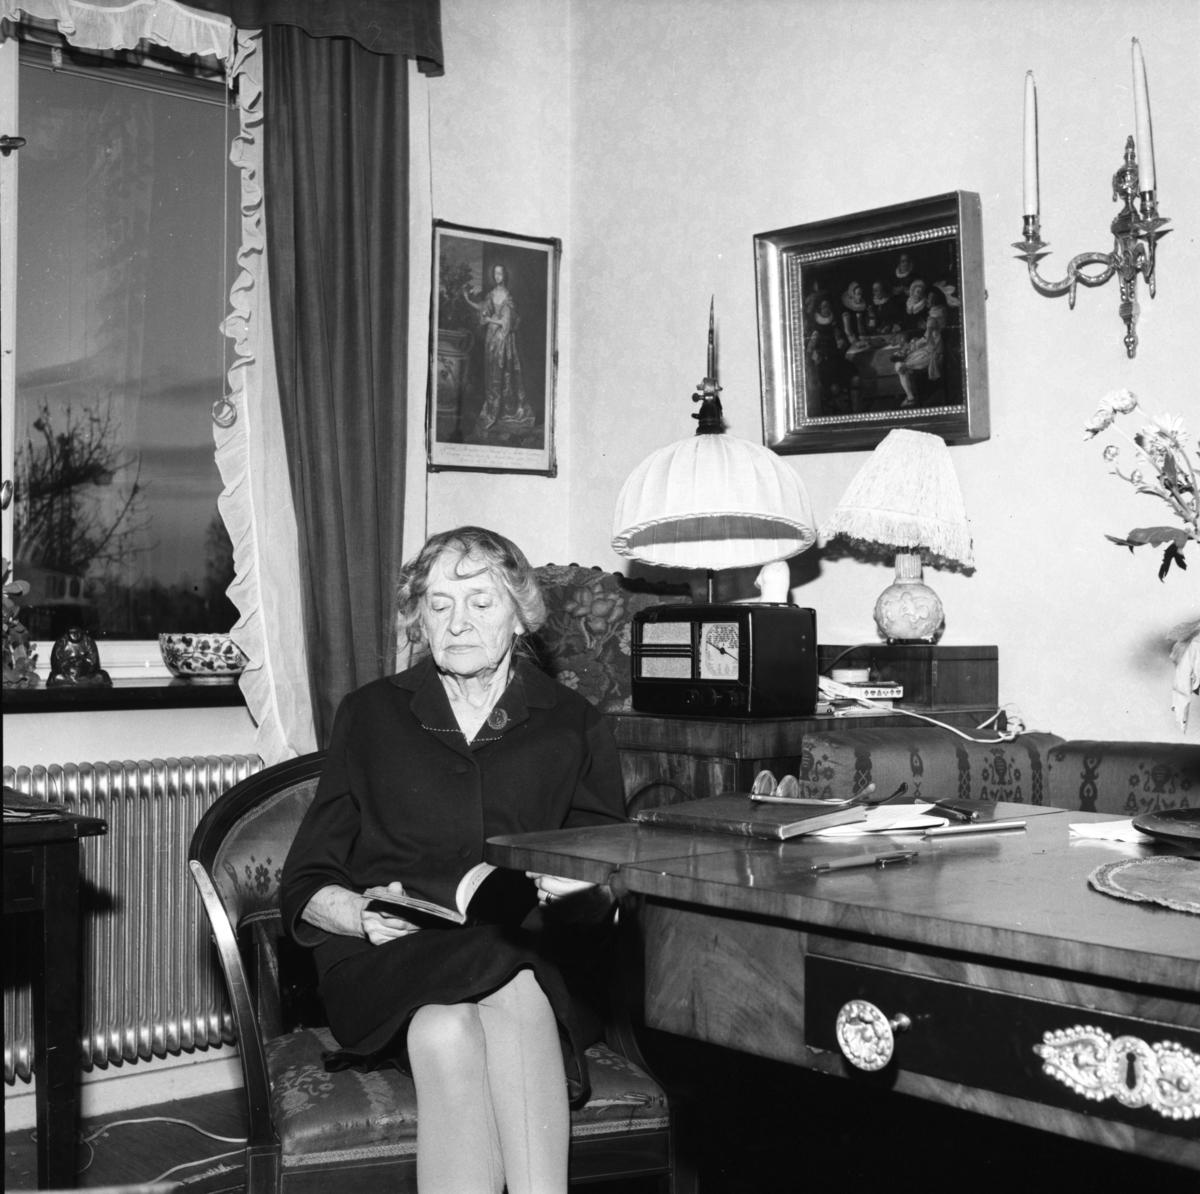 Ebba Stiernstedt